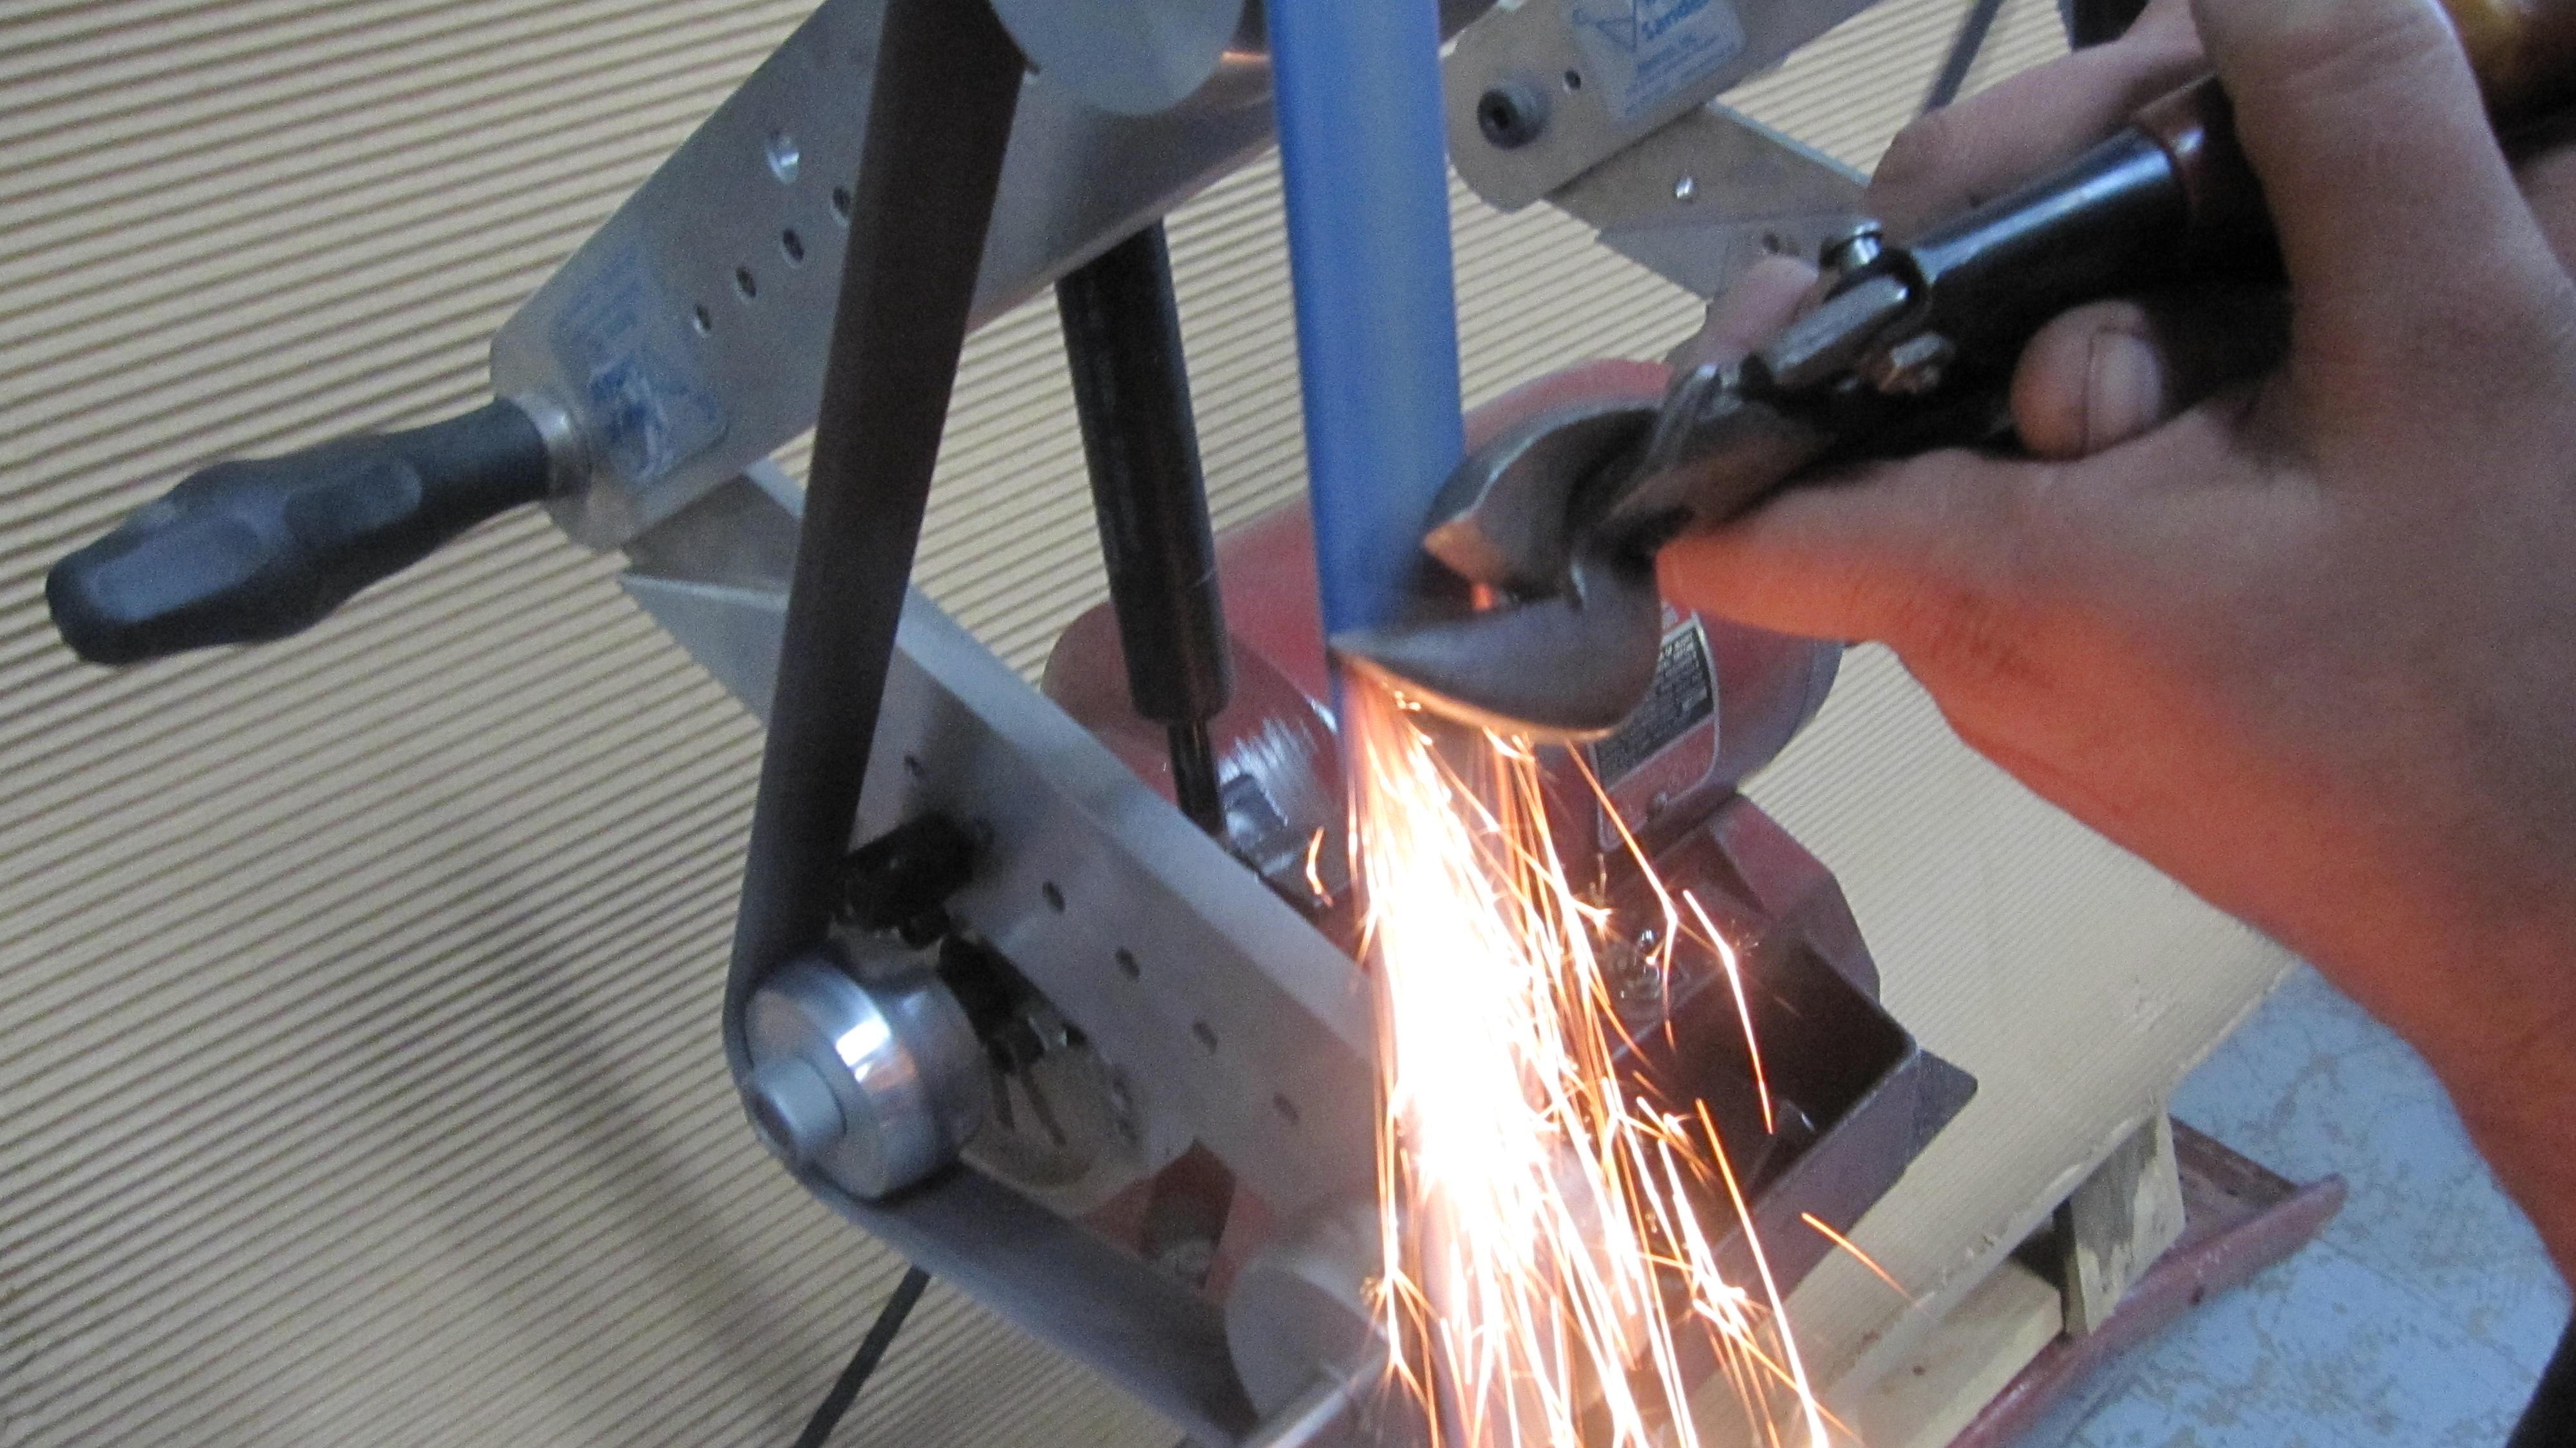 Belt sander,  sharpening tool